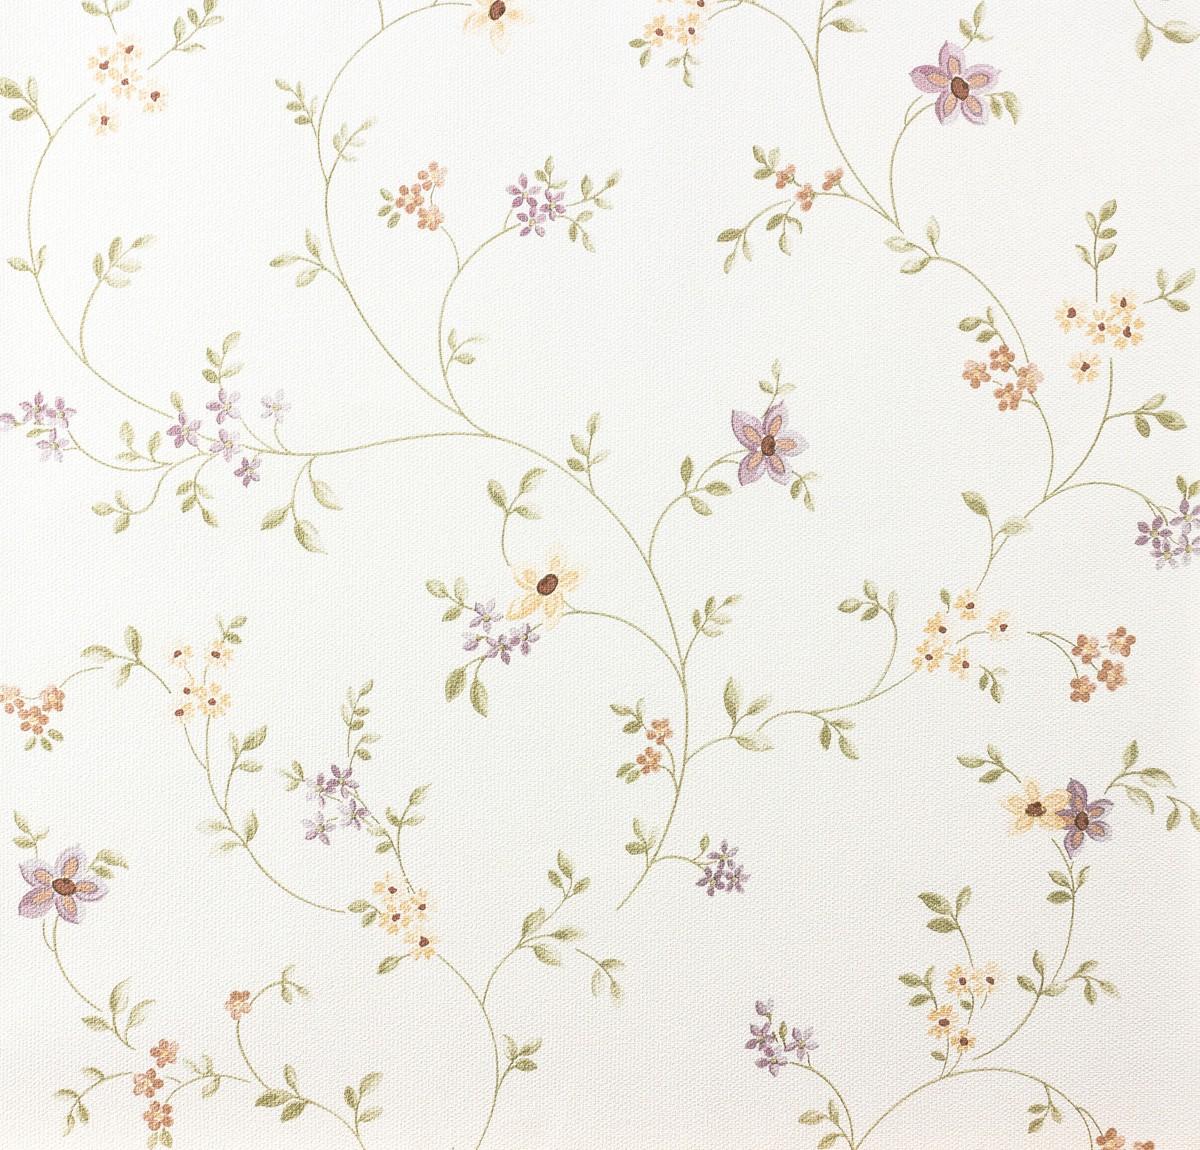 Tapete Pastel AS 937701 Blumenranke violett grn wei